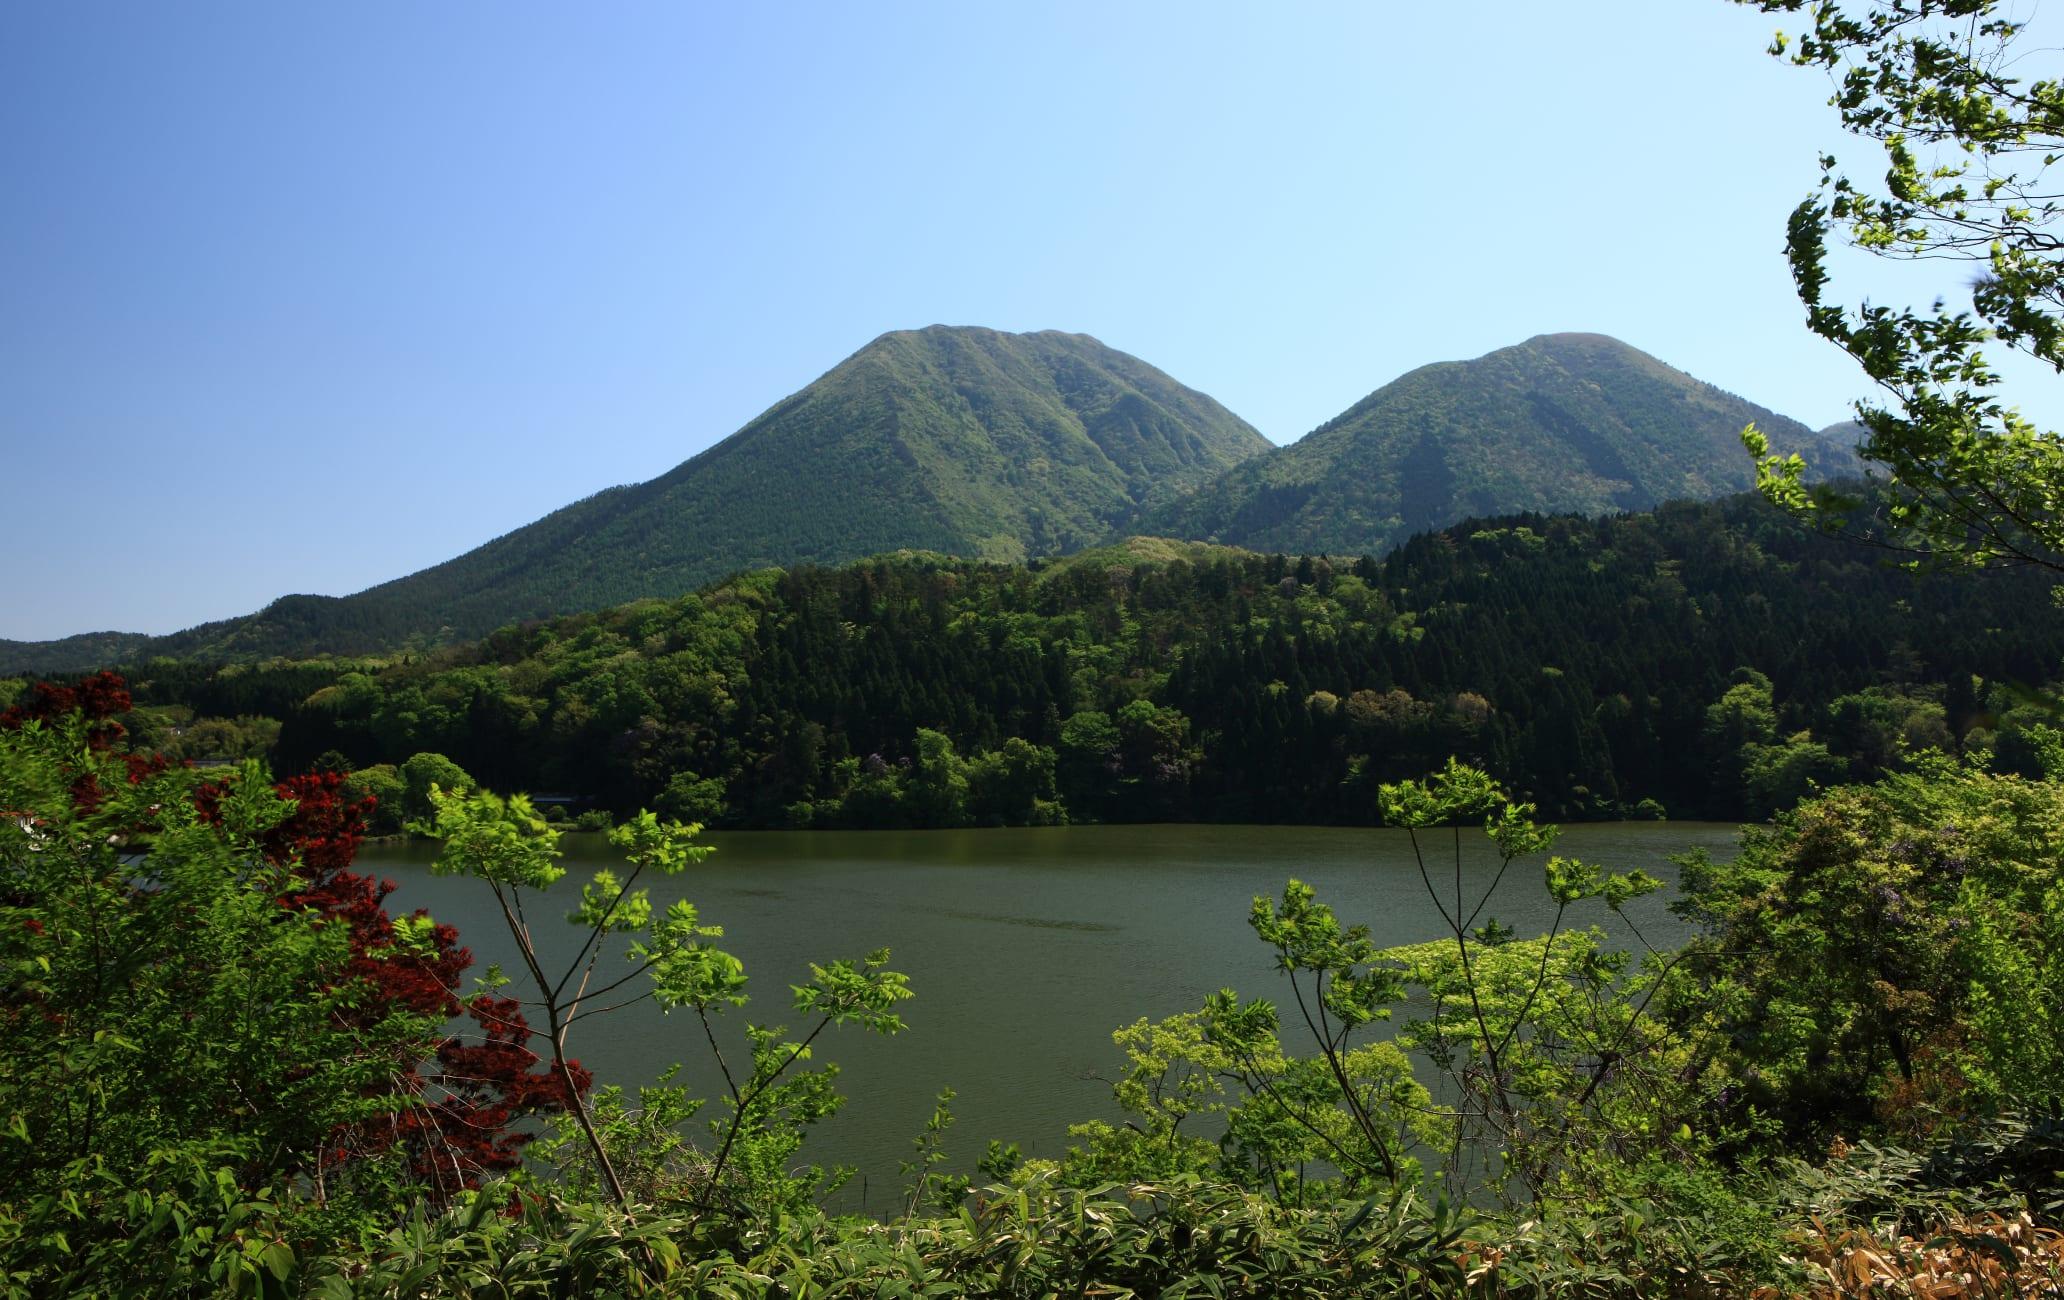 Mt. Sanbe